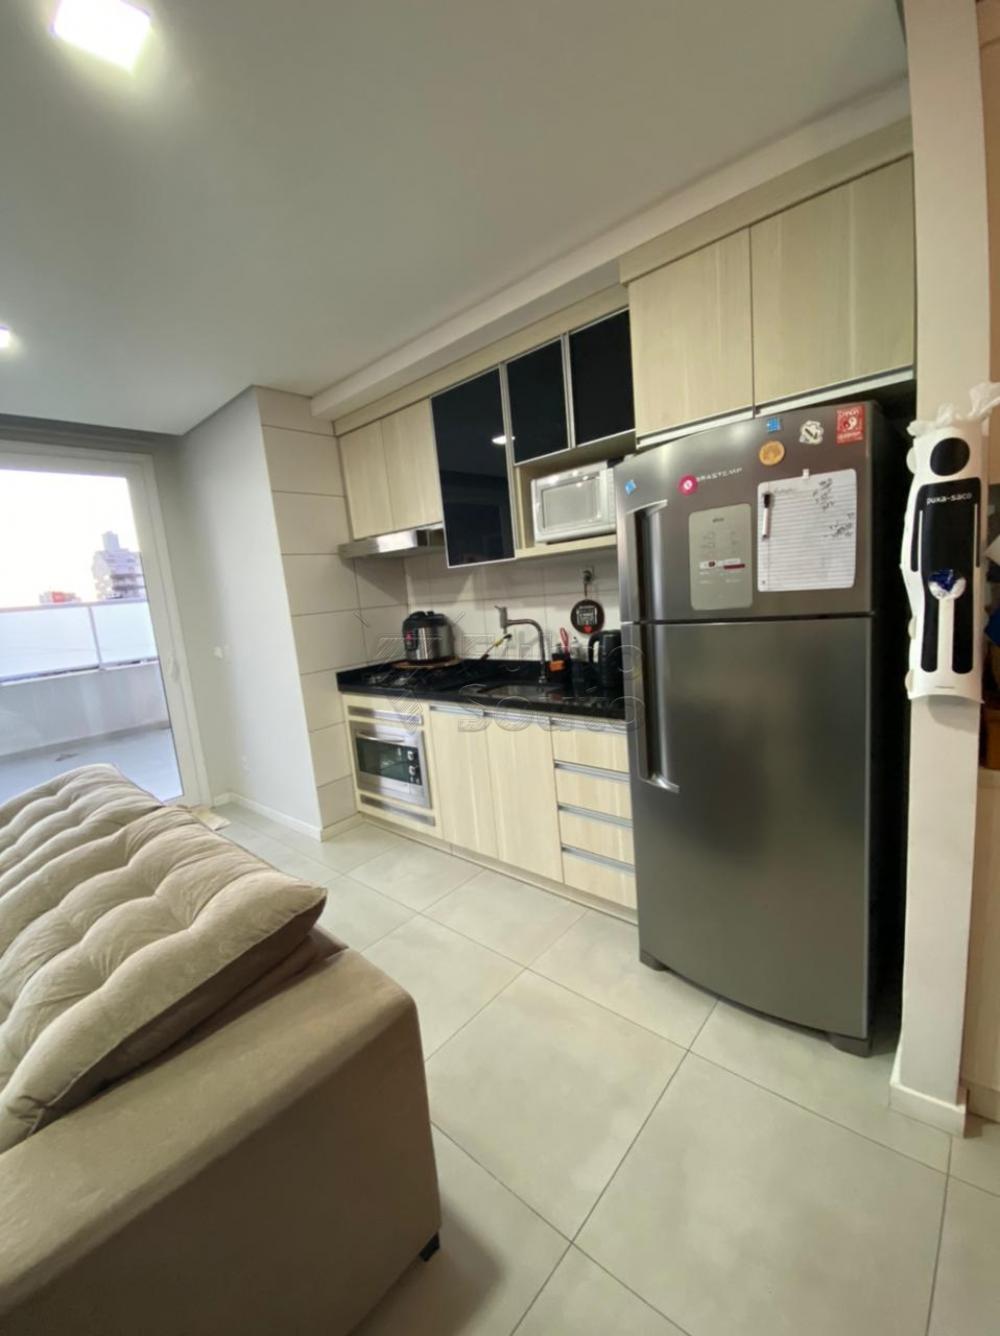 Comprar Apartamento / Padrão em Pelotas R$ 477.000,00 - Foto 6